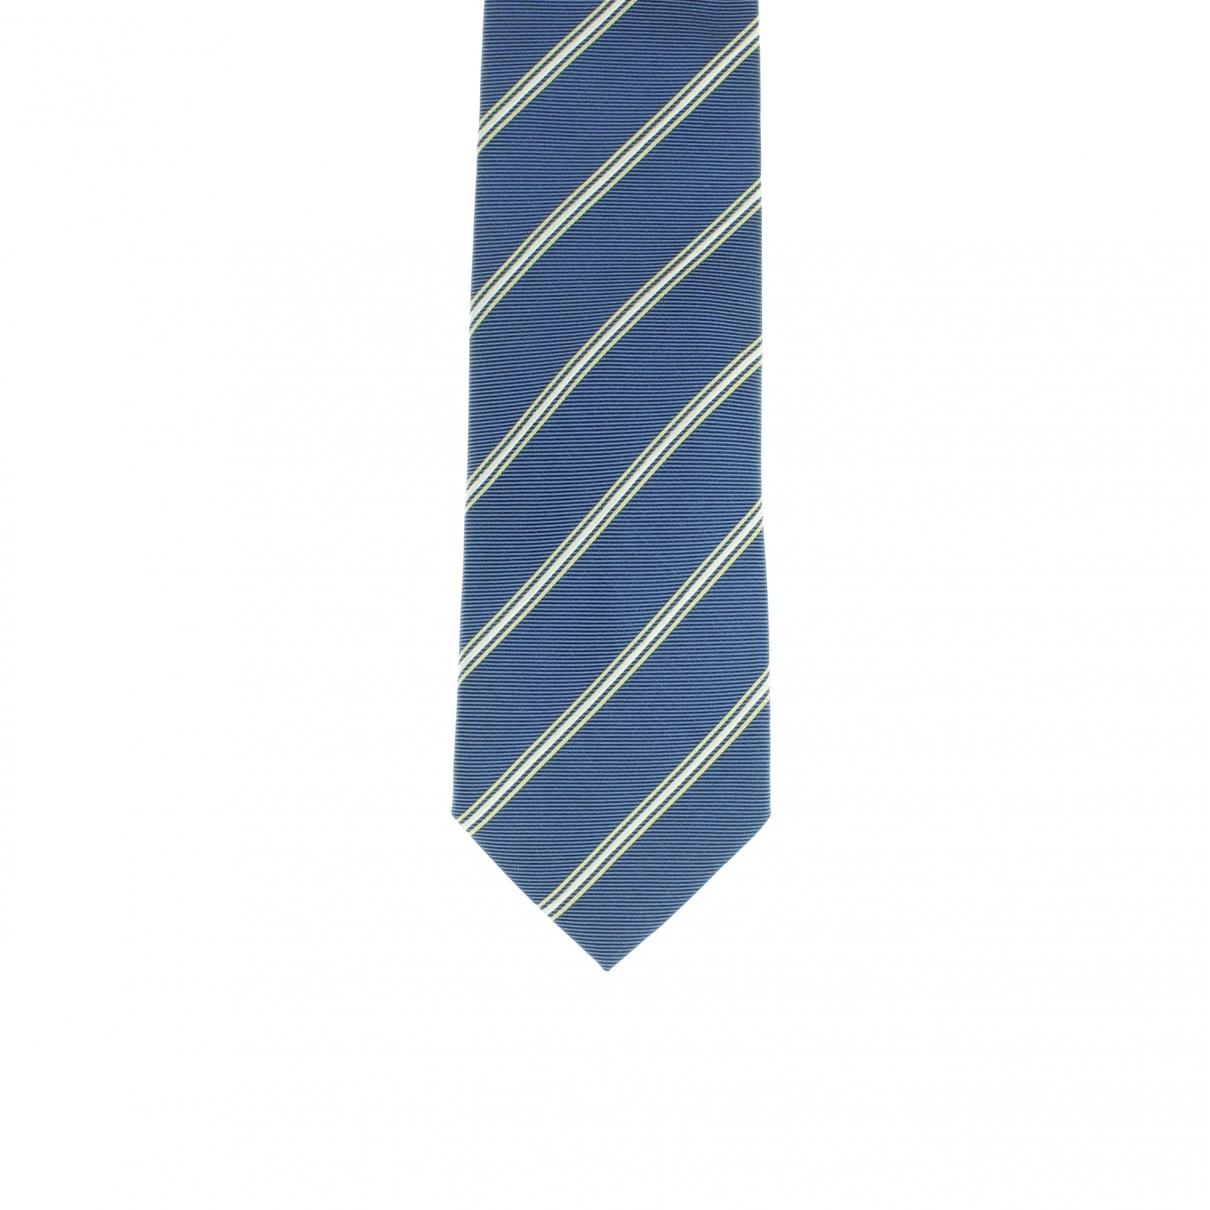 Alfred Dunhill - Cravates   pour homme en soie - bleu